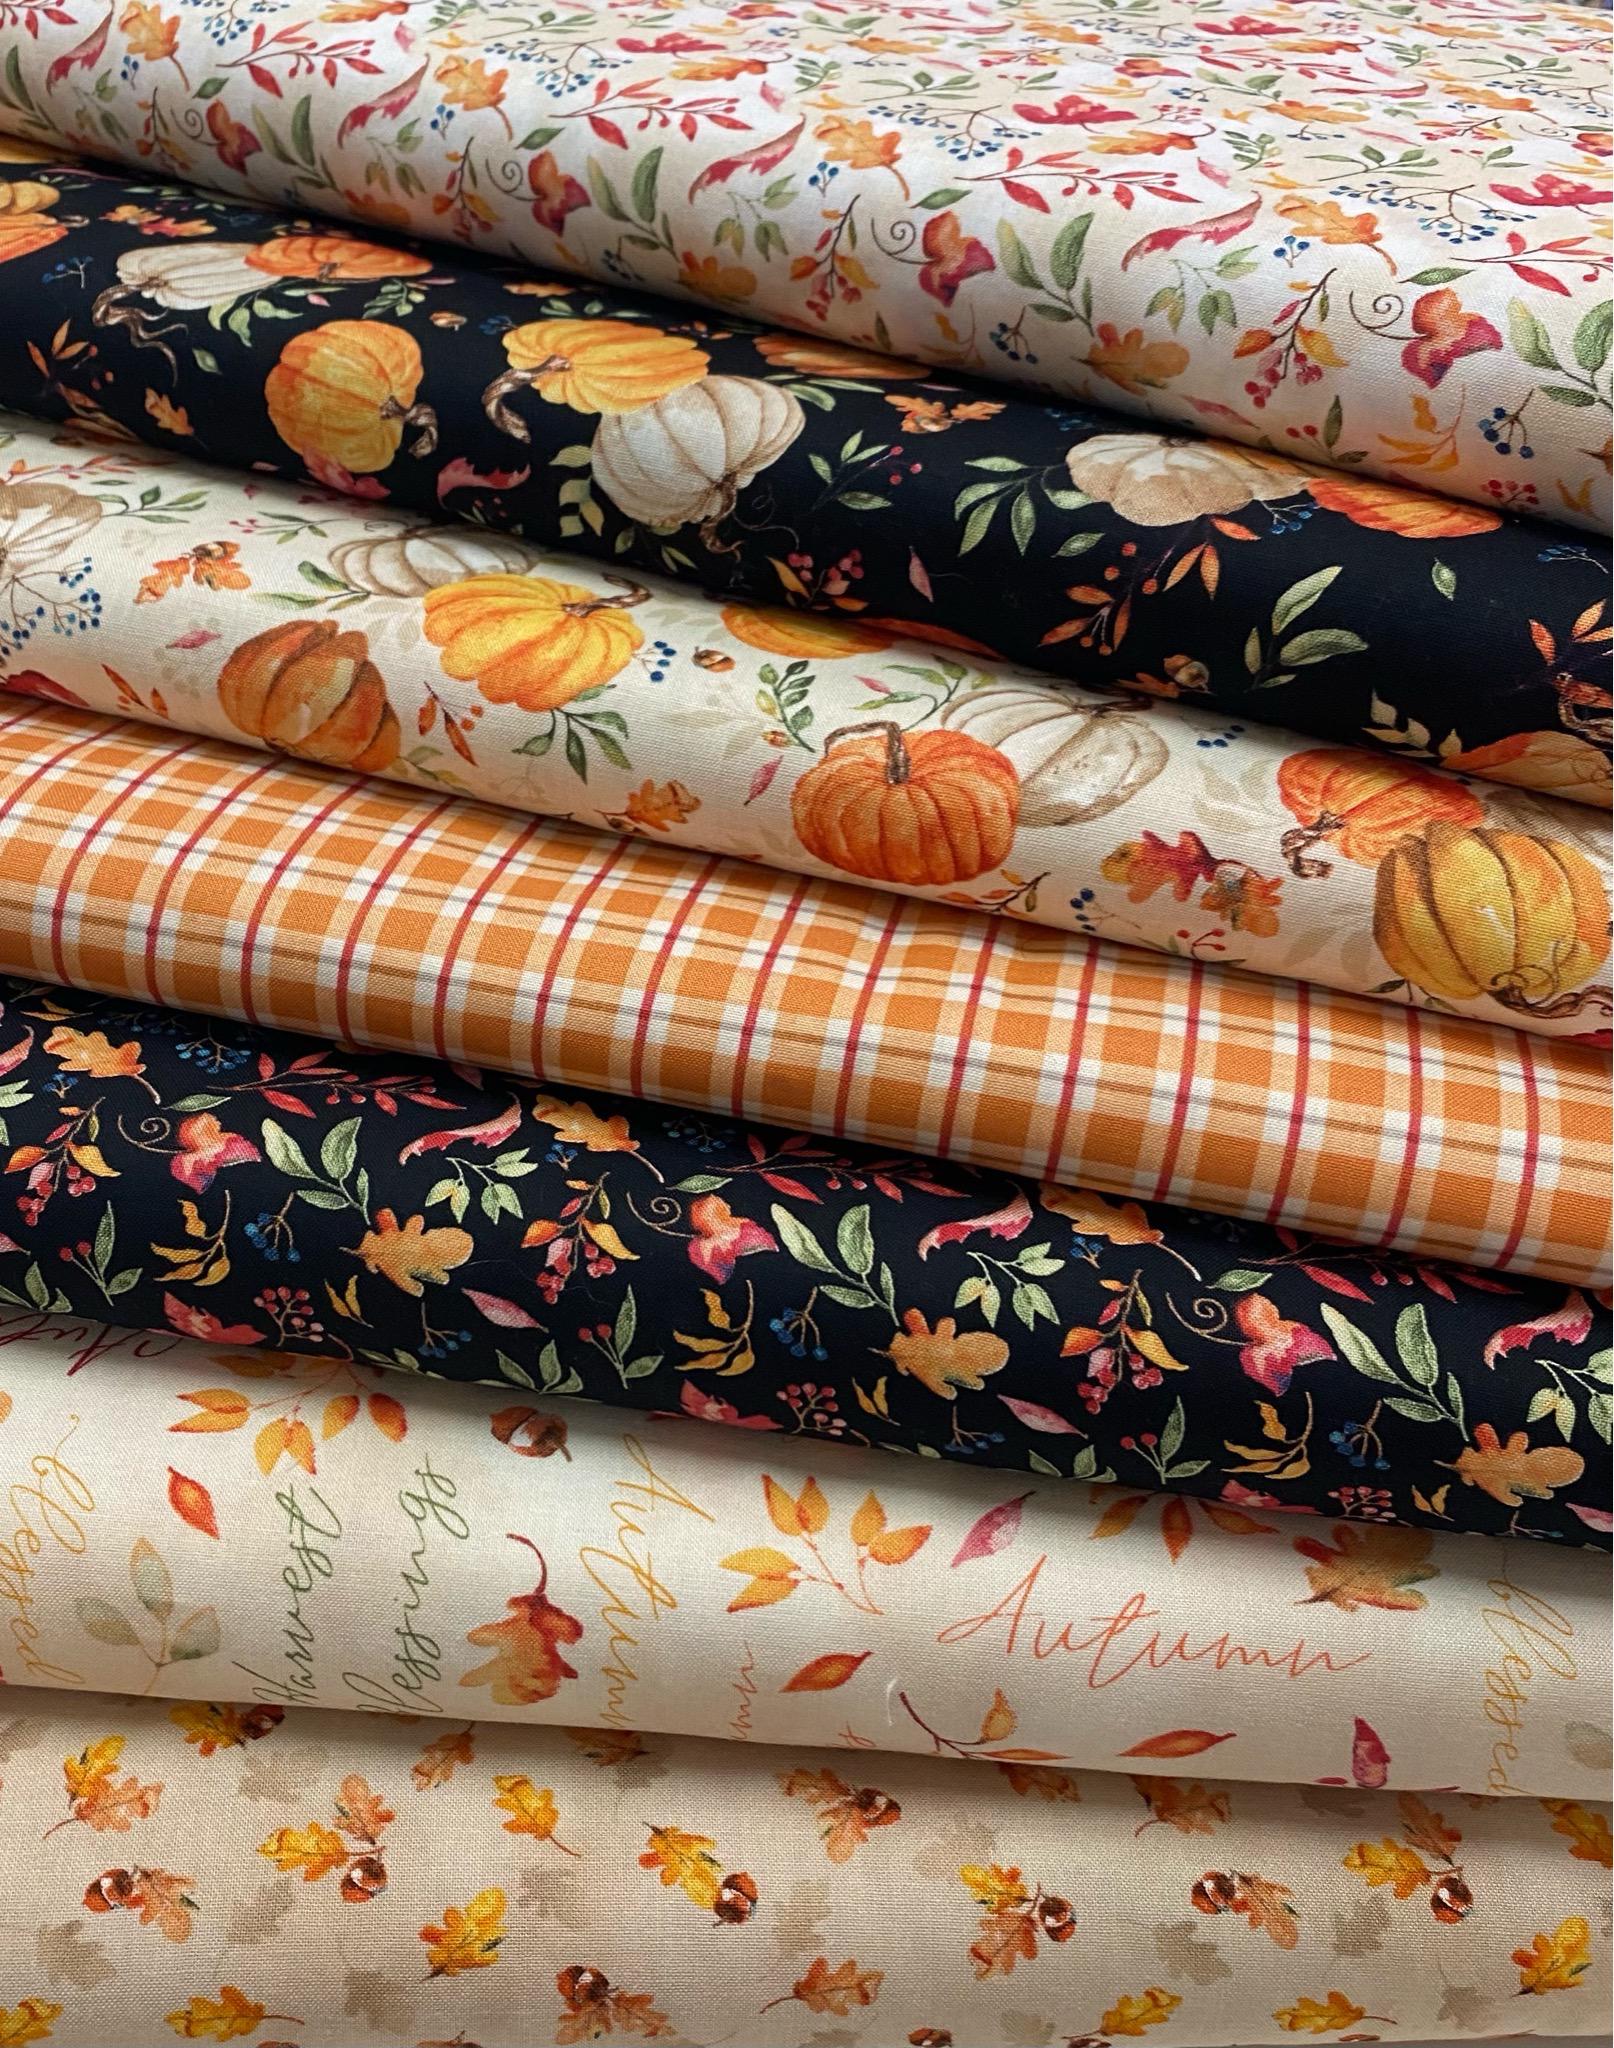 Autumn Day - Fat Quarter Bundle 58100